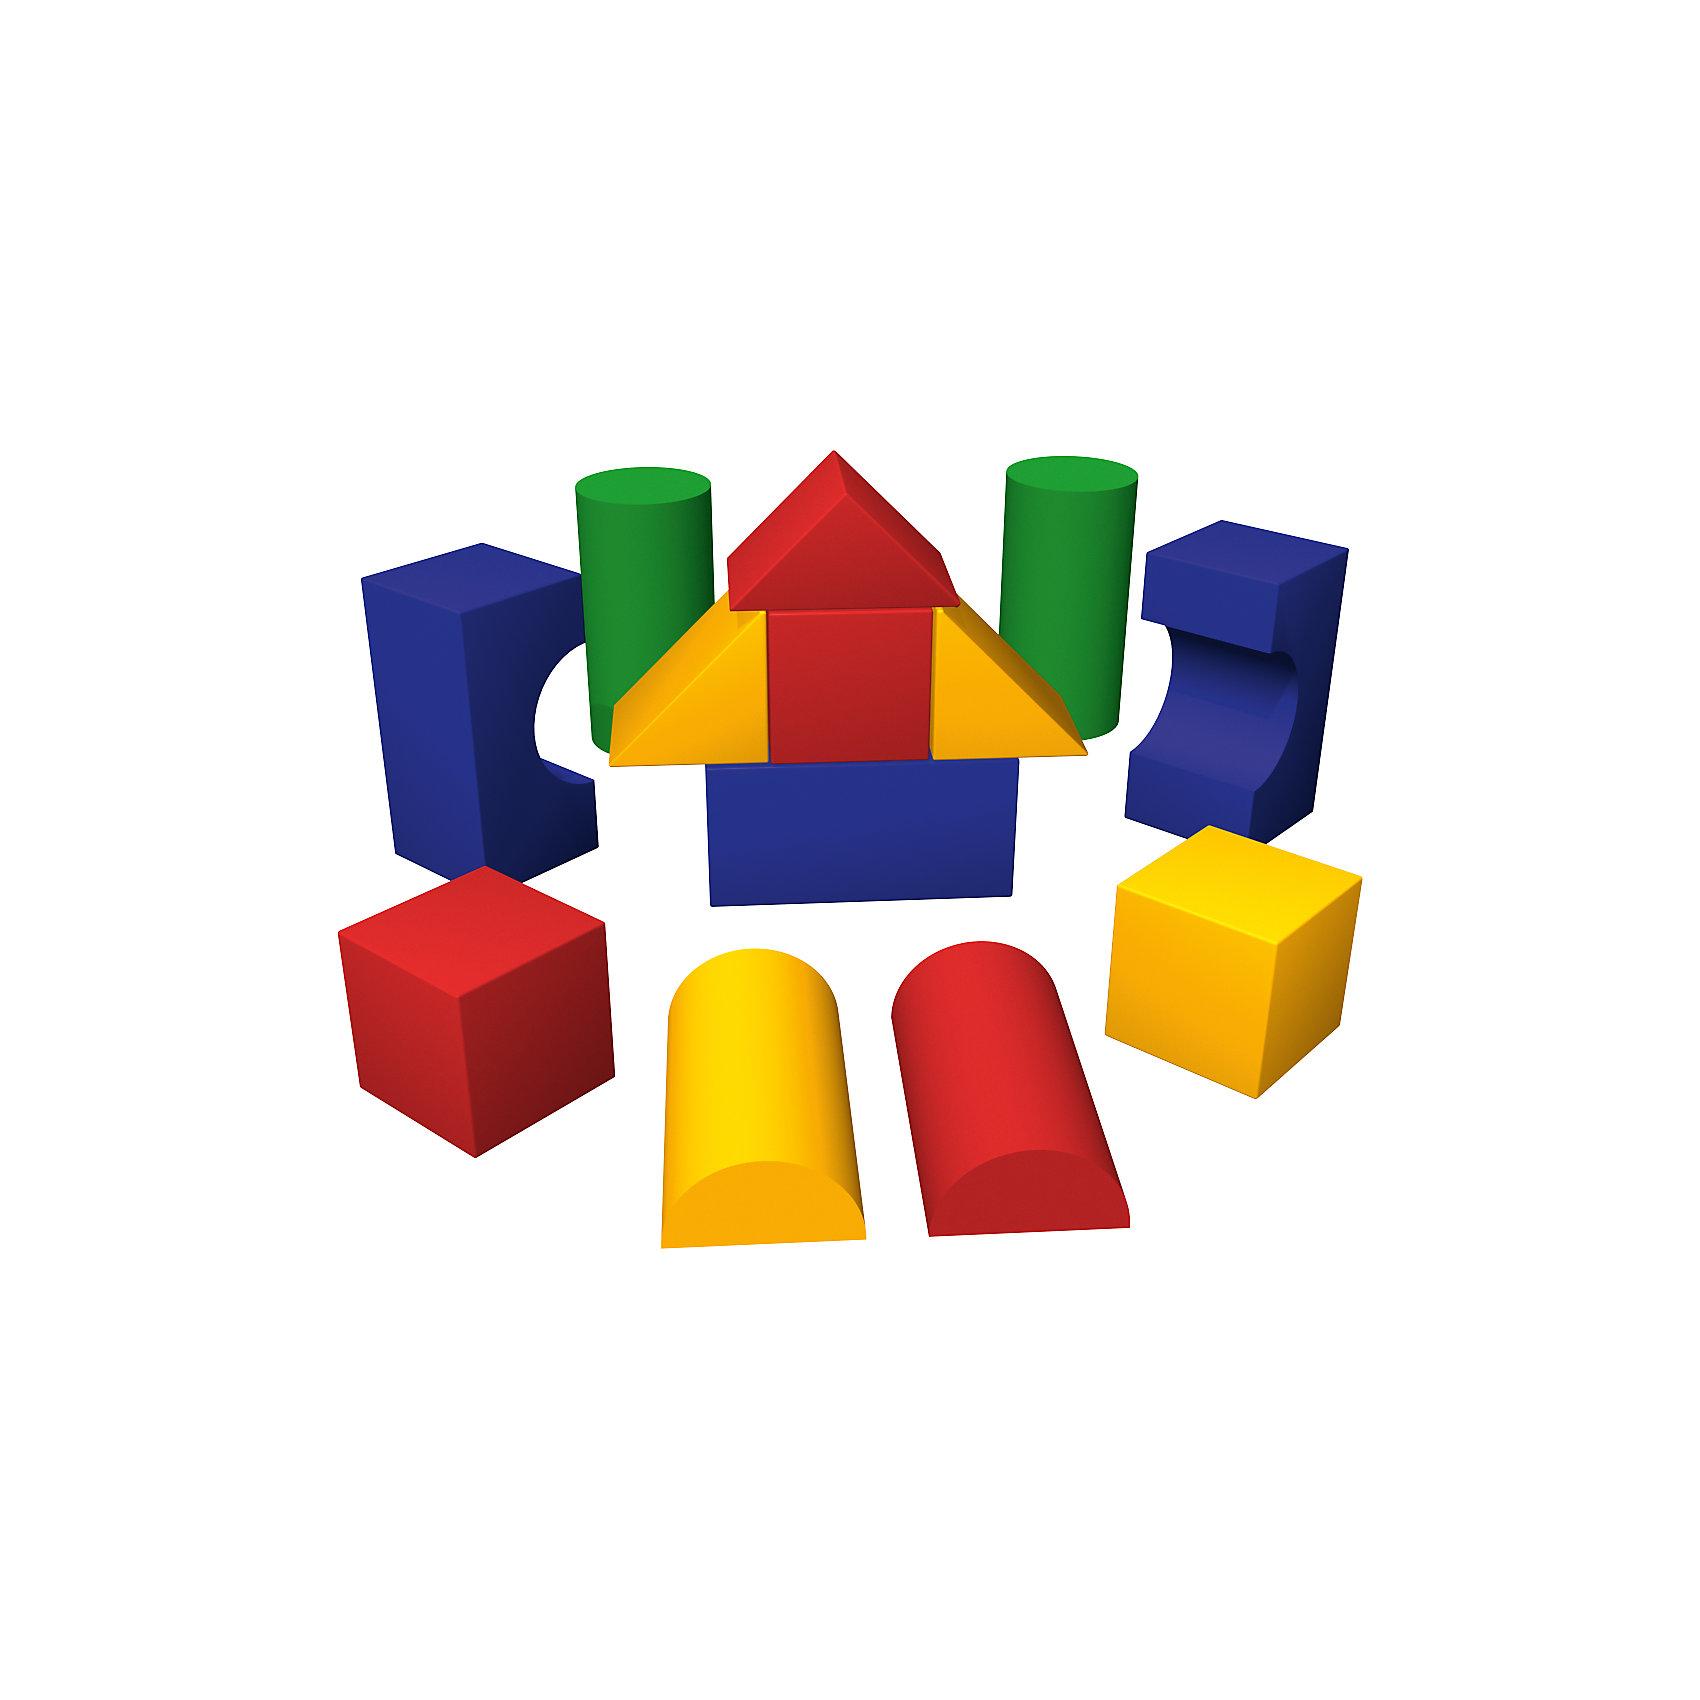 Игровой модуль Ракета, ROMANAКонструктор – традиционная детская Изделие, которая обеспечивает нормальное детское развитие. С ним ребенок разовьет свою фантазию и выучит геометрические формы. Мягкий конструктор – отличный вариант для того, чтобы разнообразить детскую комнату. Полное отсутствие острых углов и твердых поверхностей позволит детям использовать игрушку в своих играх и не получить травм или повреждений. Развивает координацию, вестибулярный аппарат и ловкость. Материалы, использованные при изготовлении, абсолютно безопасны для детей и отвечают всем международным требованиям по качеству. <br><br>Дополнительная информация: <br><br>вес изделия: 13кг;<br>возраст: 3 +;<br>цвет: разноцветный;<br>размер: 210 х 210 х 85 см;<br>материал: поролон, винилискожа.<br><br>Мягкий конструктор  «Ракета» для детей от компании ROMANA можно приобрести в нашем магазине.<br><br>Ширина мм: 1600<br>Глубина мм: 600<br>Высота мм: 600<br>Вес г: 13000<br>Возраст от месяцев: 36<br>Возраст до месяцев: 120<br>Пол: Унисекс<br>Возраст: Детский<br>SKU: 4993348